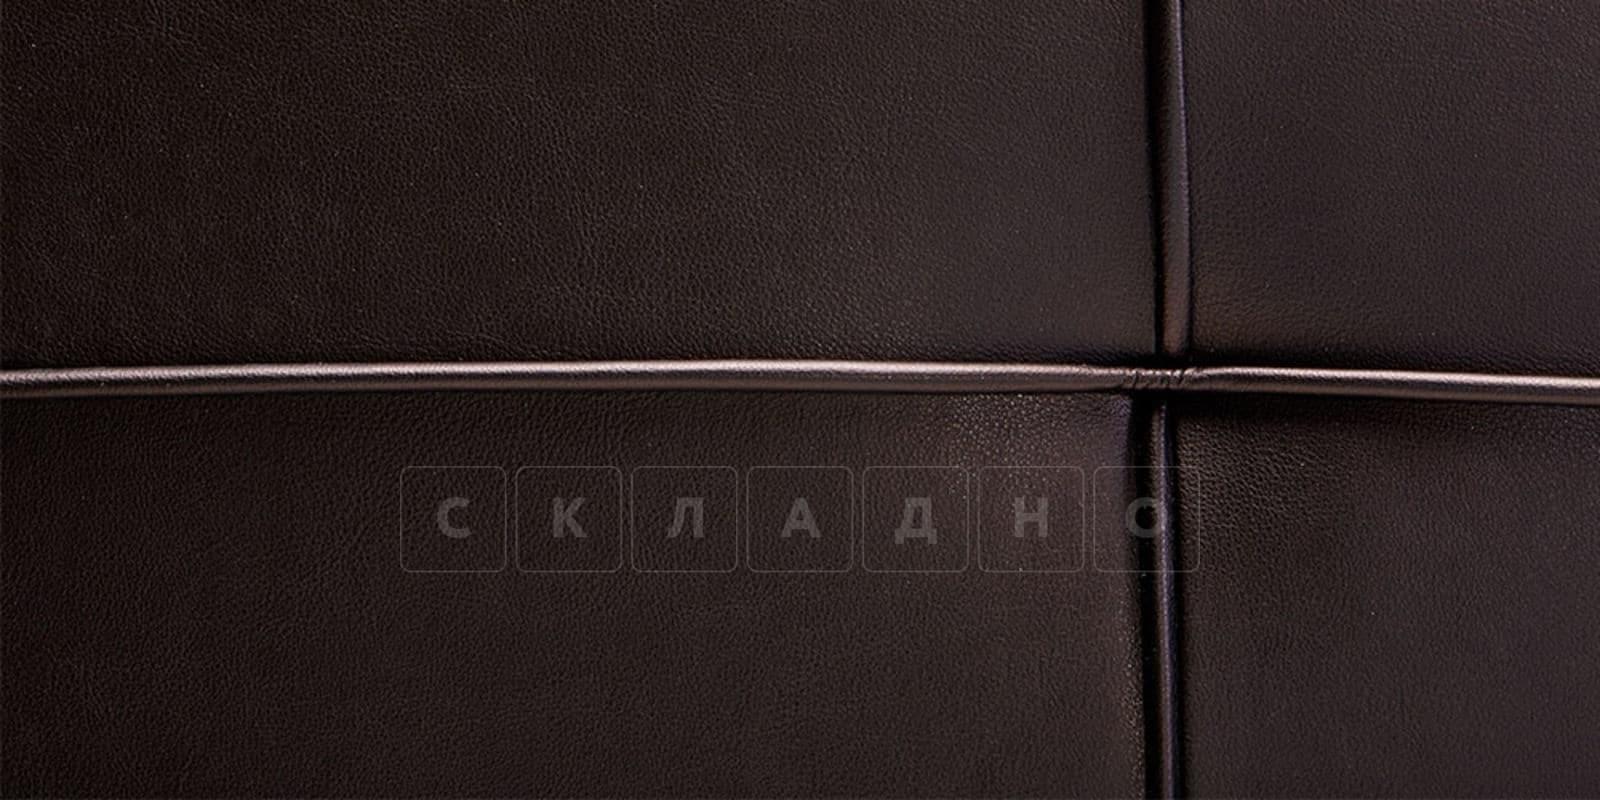 Мягкая кровать Лайф 160см шоколад без подъемного механизма фото 8 | интернет-магазин Складно